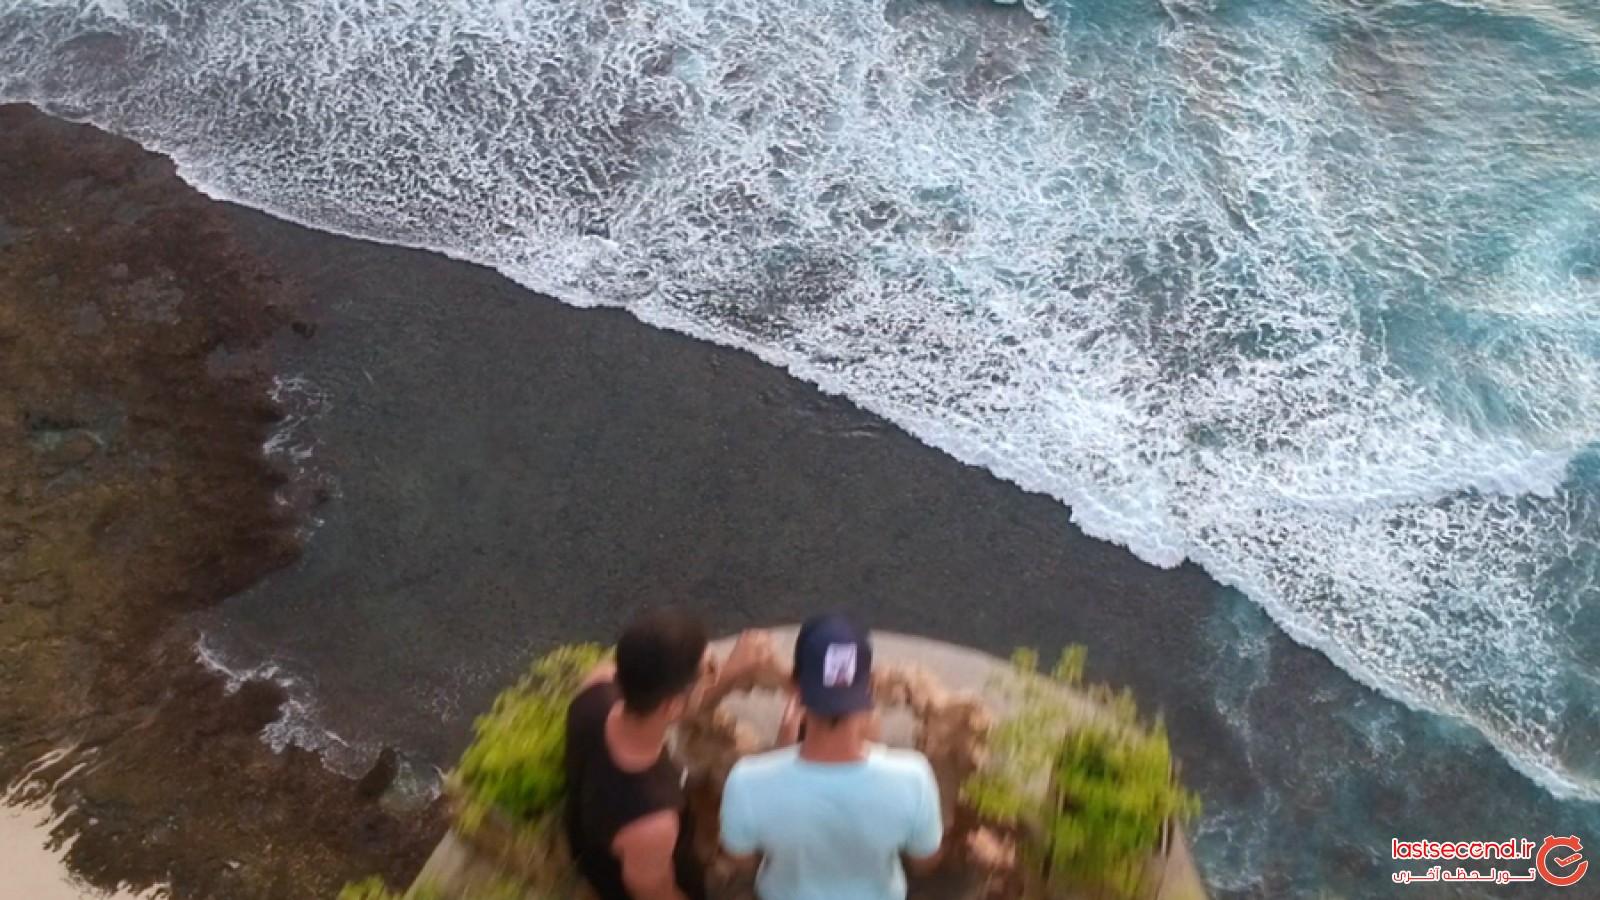 بالی، جزیره ای زیبا در تلاقی دو اقیانوس